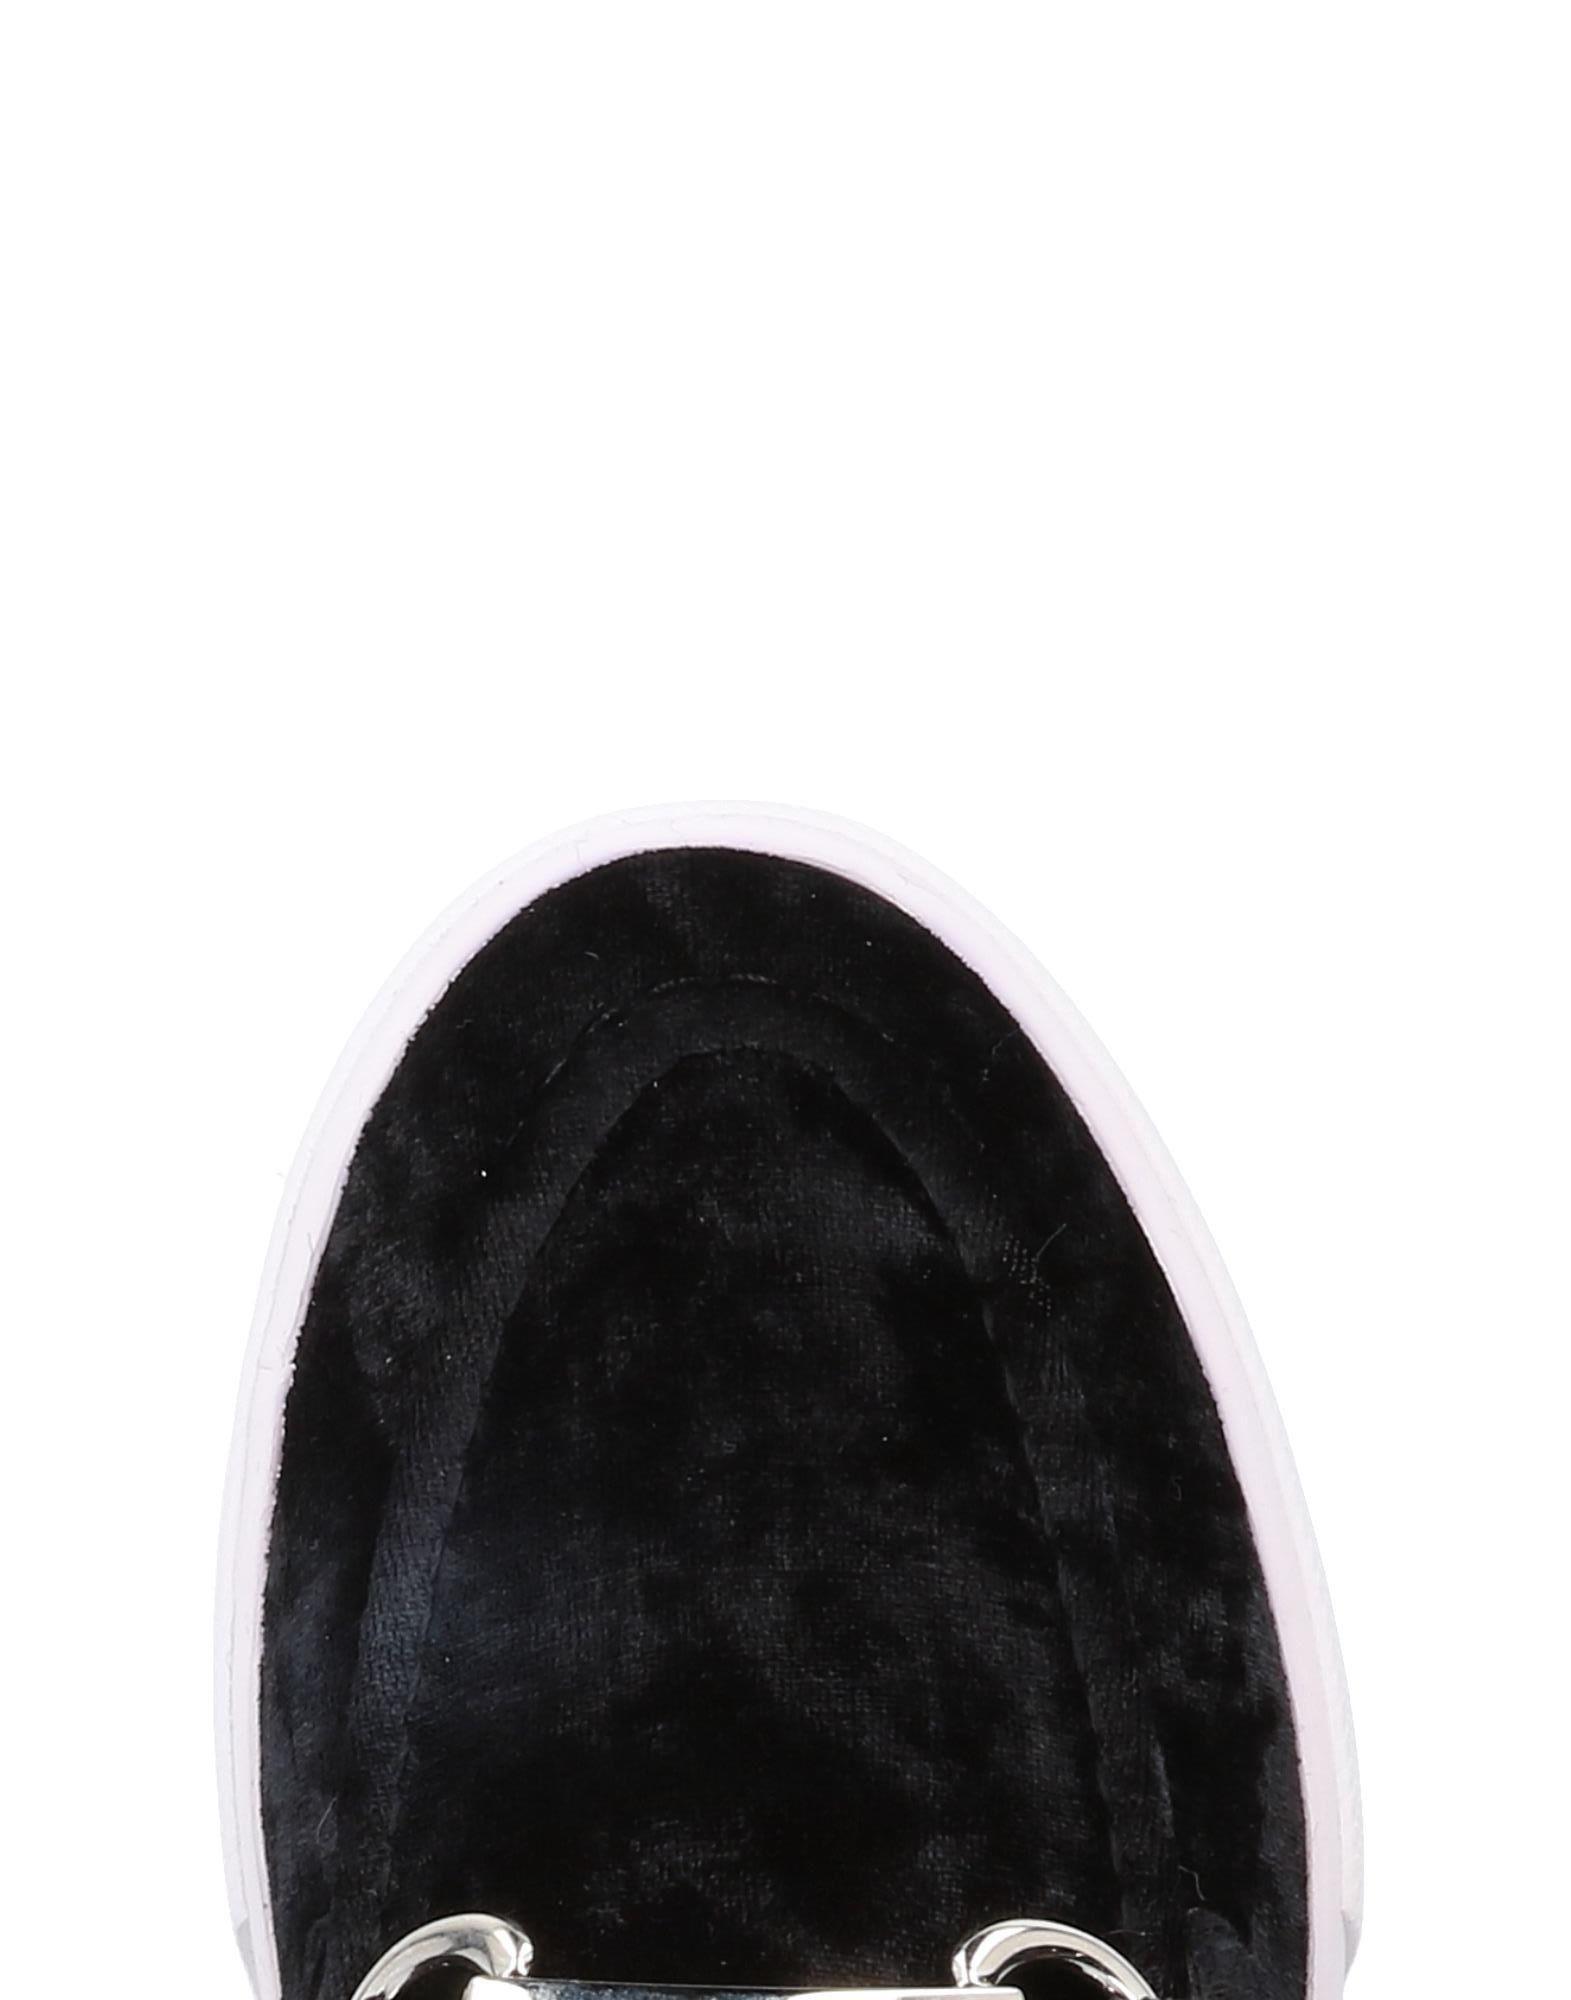 Mules & Zuecos Jeffrey Campbell de Terciopelo de color Negro